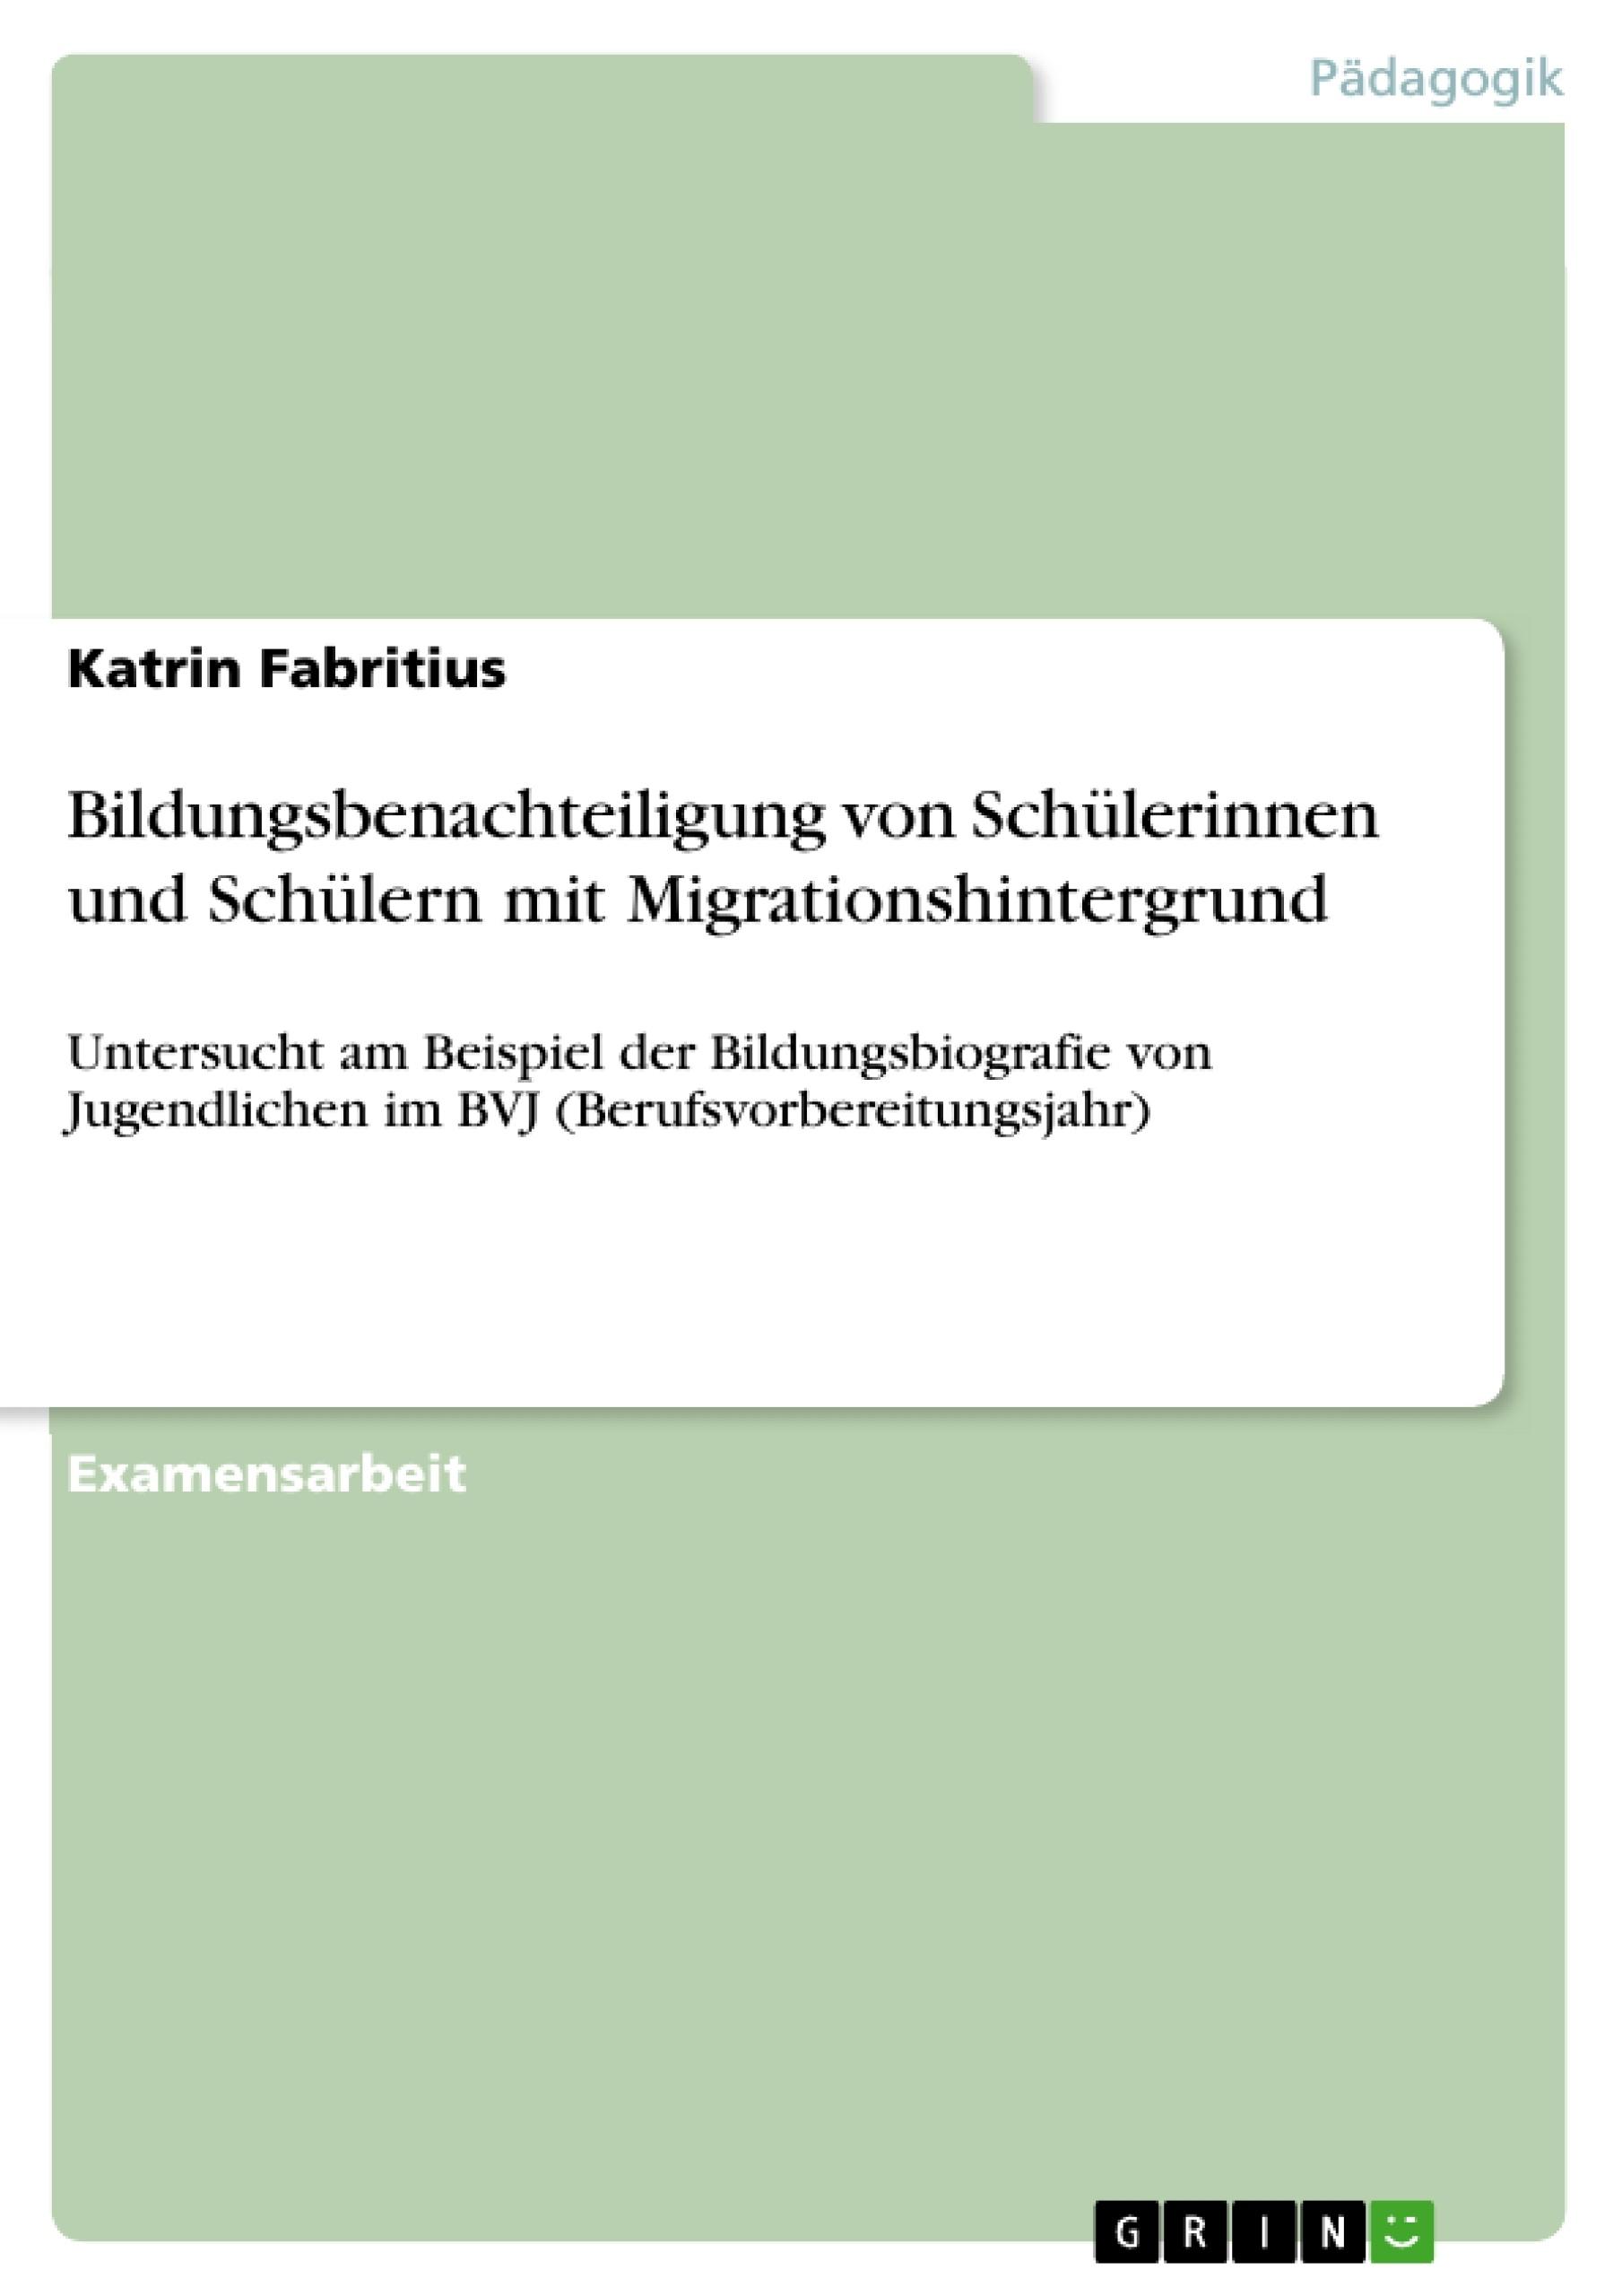 Titel: Bildungsbenachteiligung von Schülerinnen und Schülern mit Migrationshintergrund